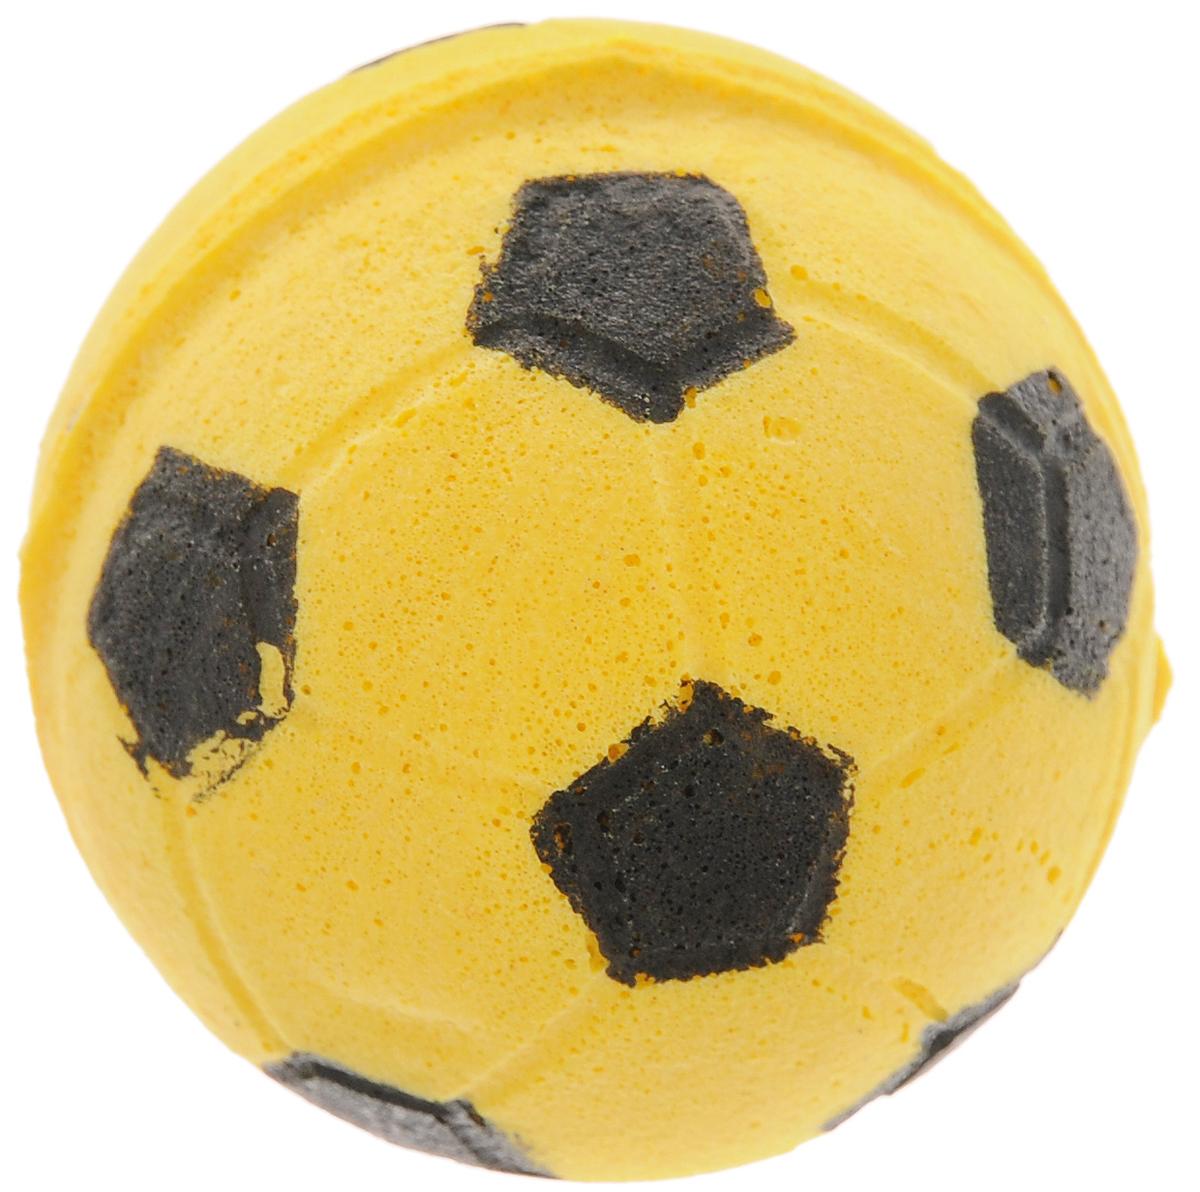 Игрушка для животных Каскад Мячик зефирный. Футбольный, цвет: желтый, диаметр 4,5 см игрушка для животных каскад мячик пробковый цвет зеленый 3 5 см